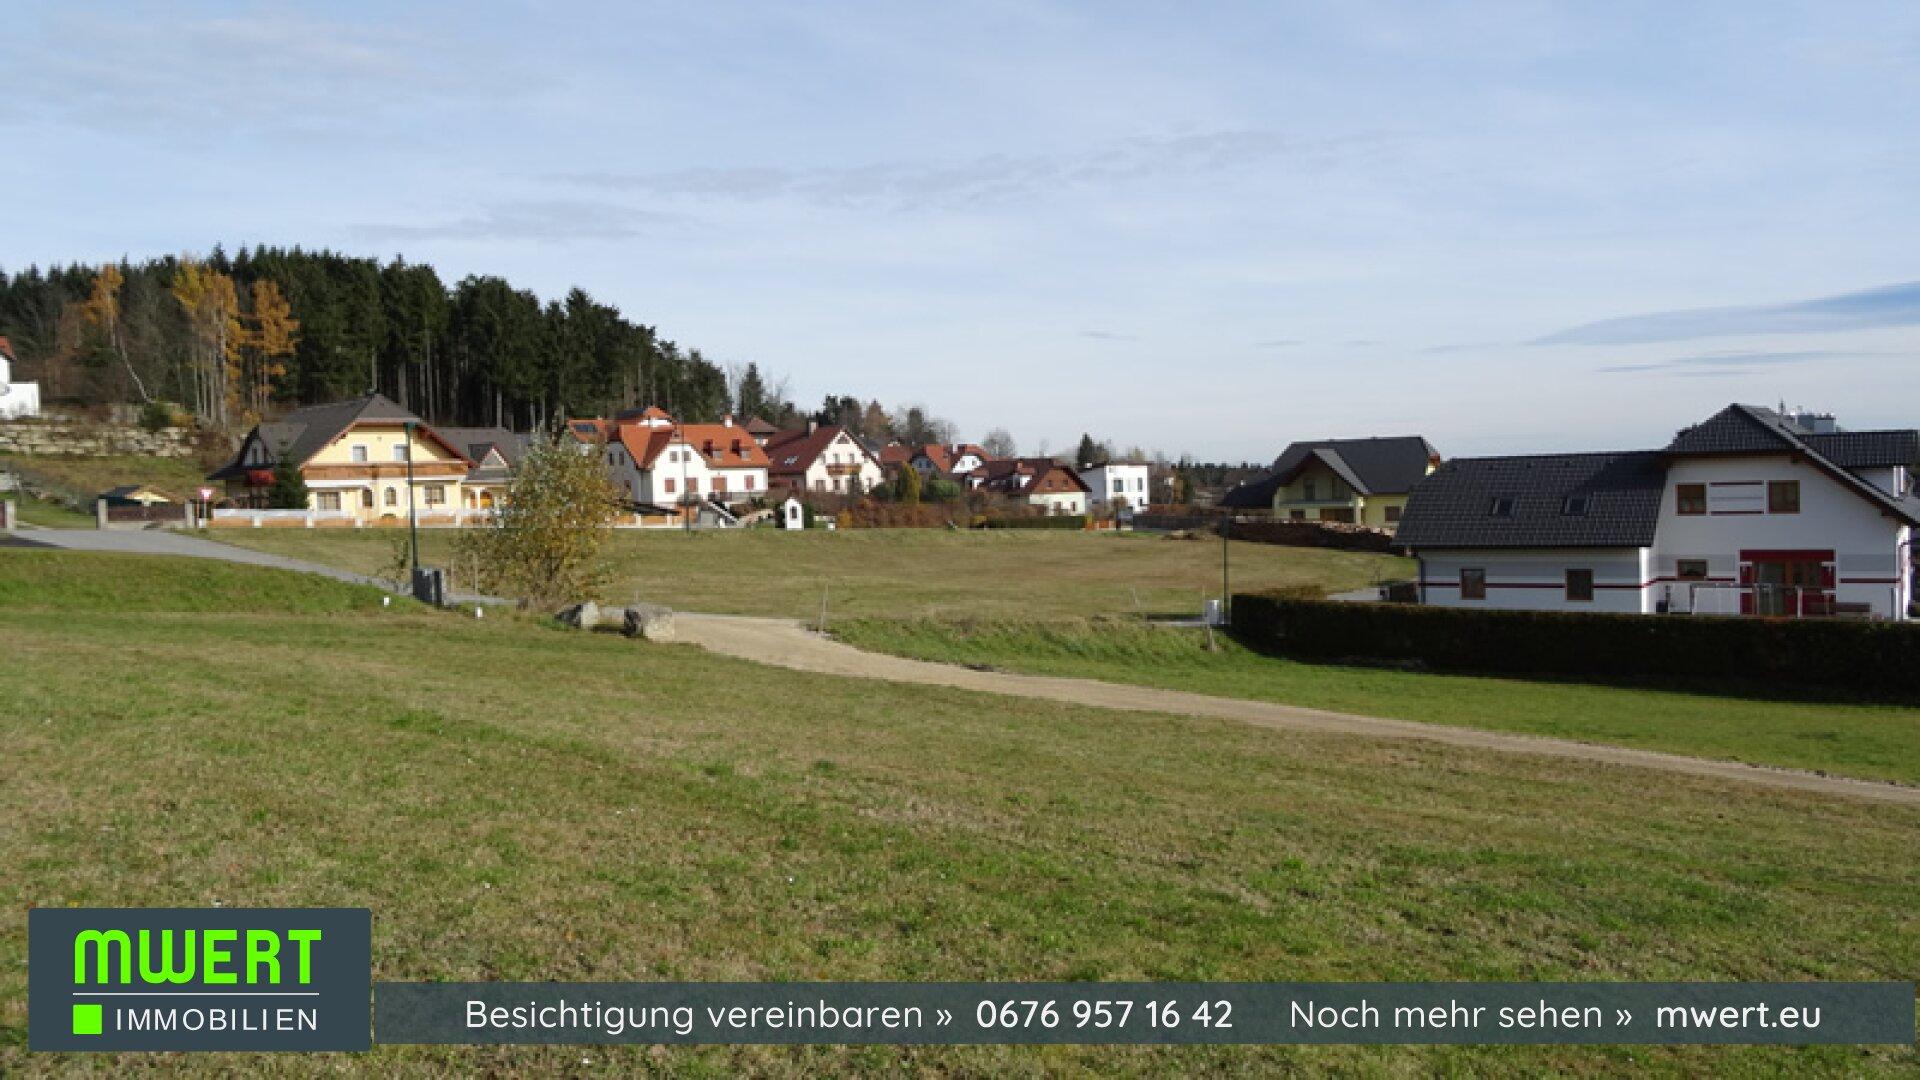 Baugrund im Waldviertel, Bad Traunstein